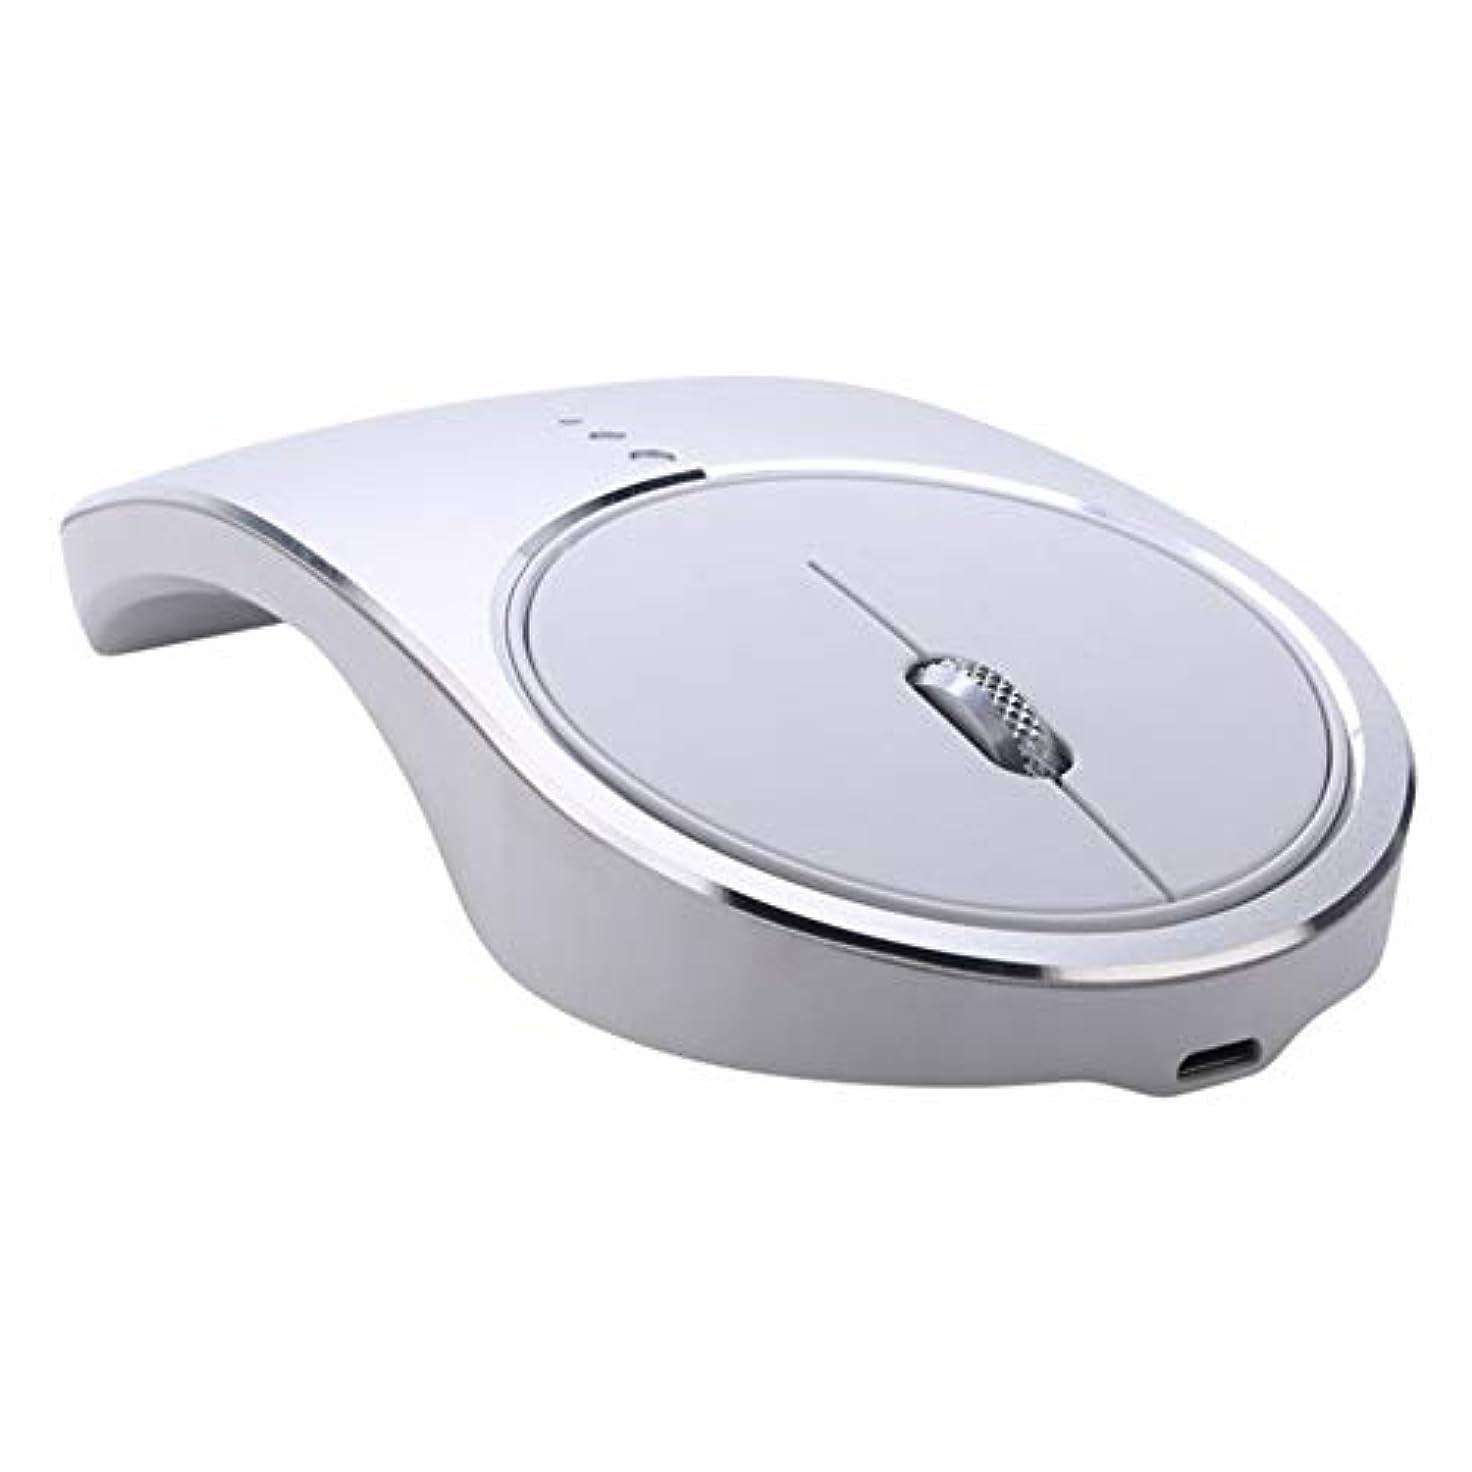 食物取り扱いオプションYQMS1100 USB4つのボタン、ラップトップとPCのための3つの調整可能なDPIレベルによるYQJK - 110充電式ラップトップ無線ゲームマウス光学式マウス